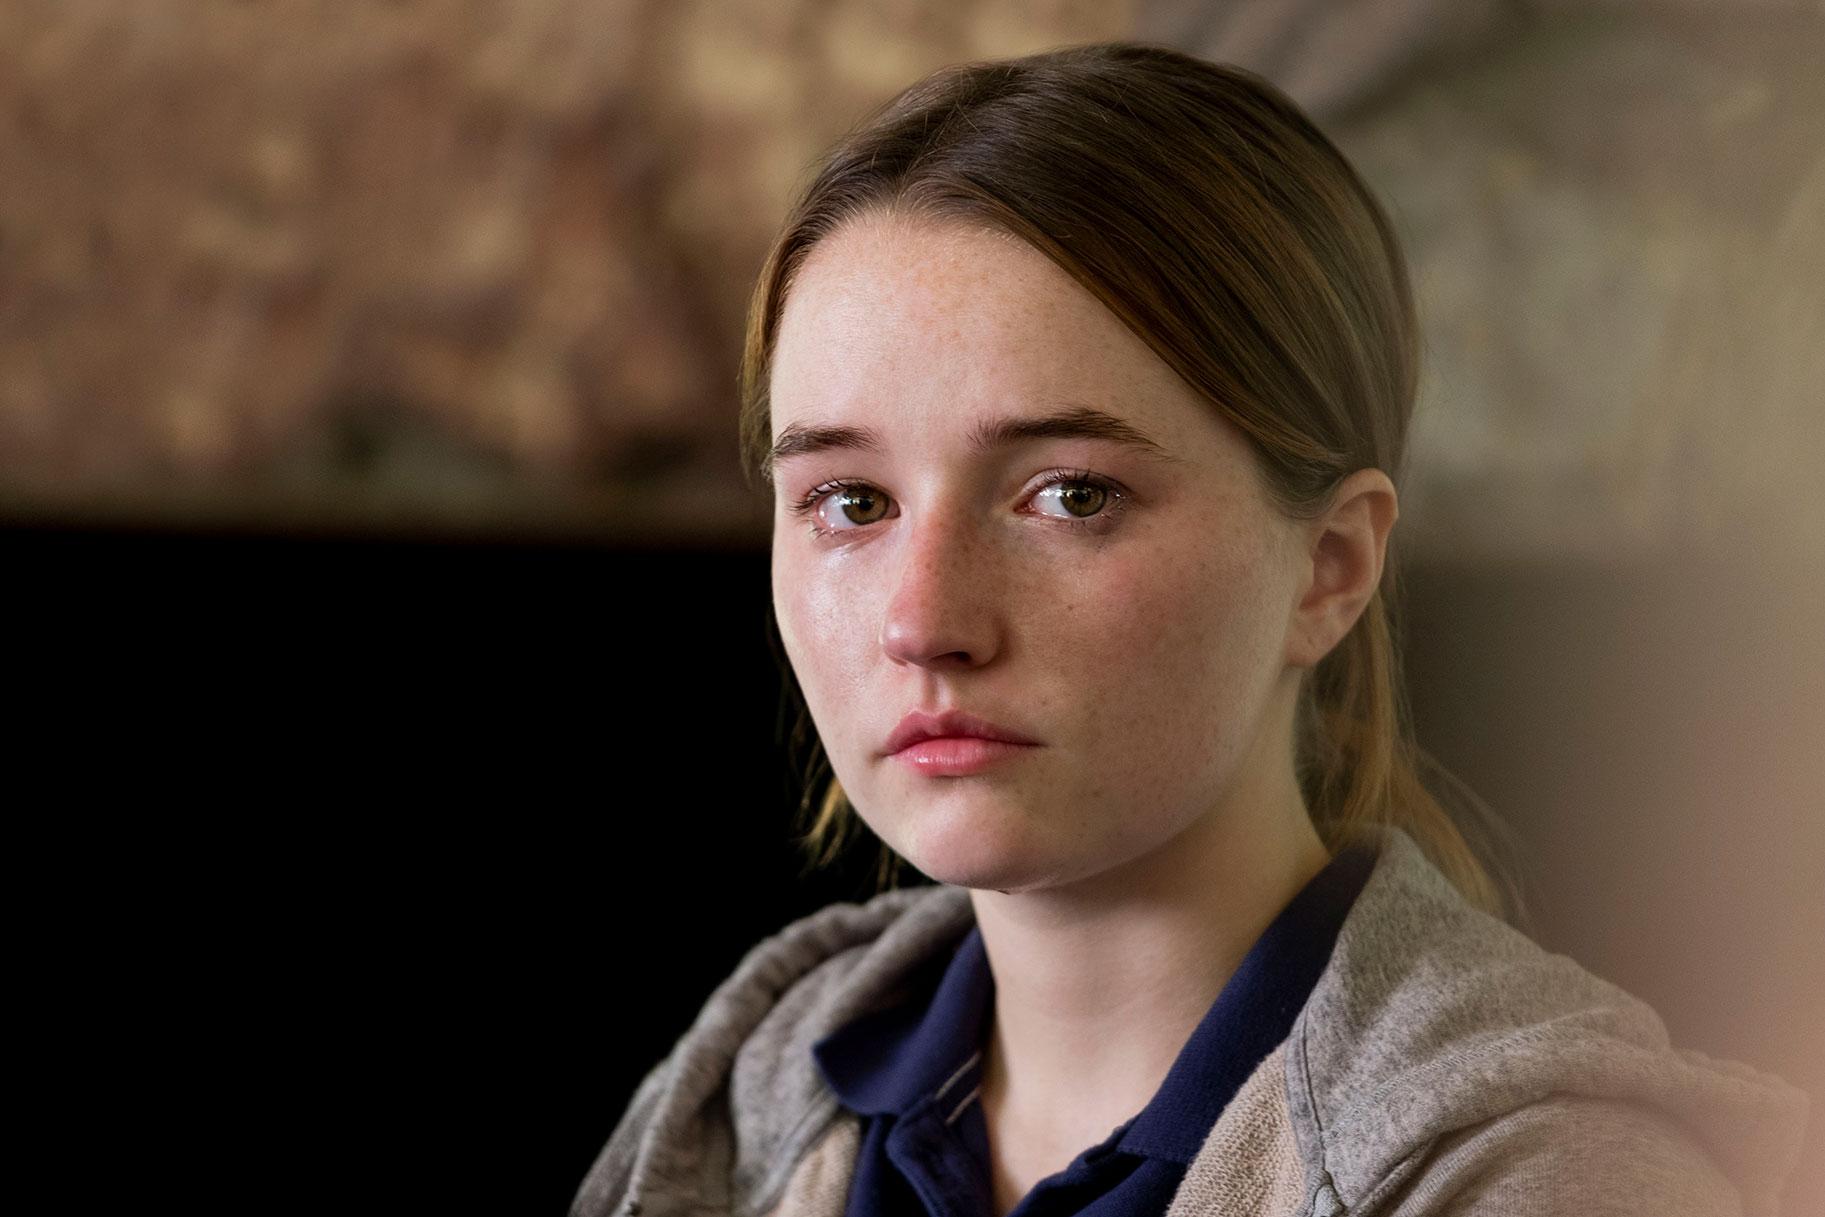 Lo que la víctima de violación en la vida real cuya historia inspiró la serie 'Increíble' de Netflix tiene que decir sobre la serie